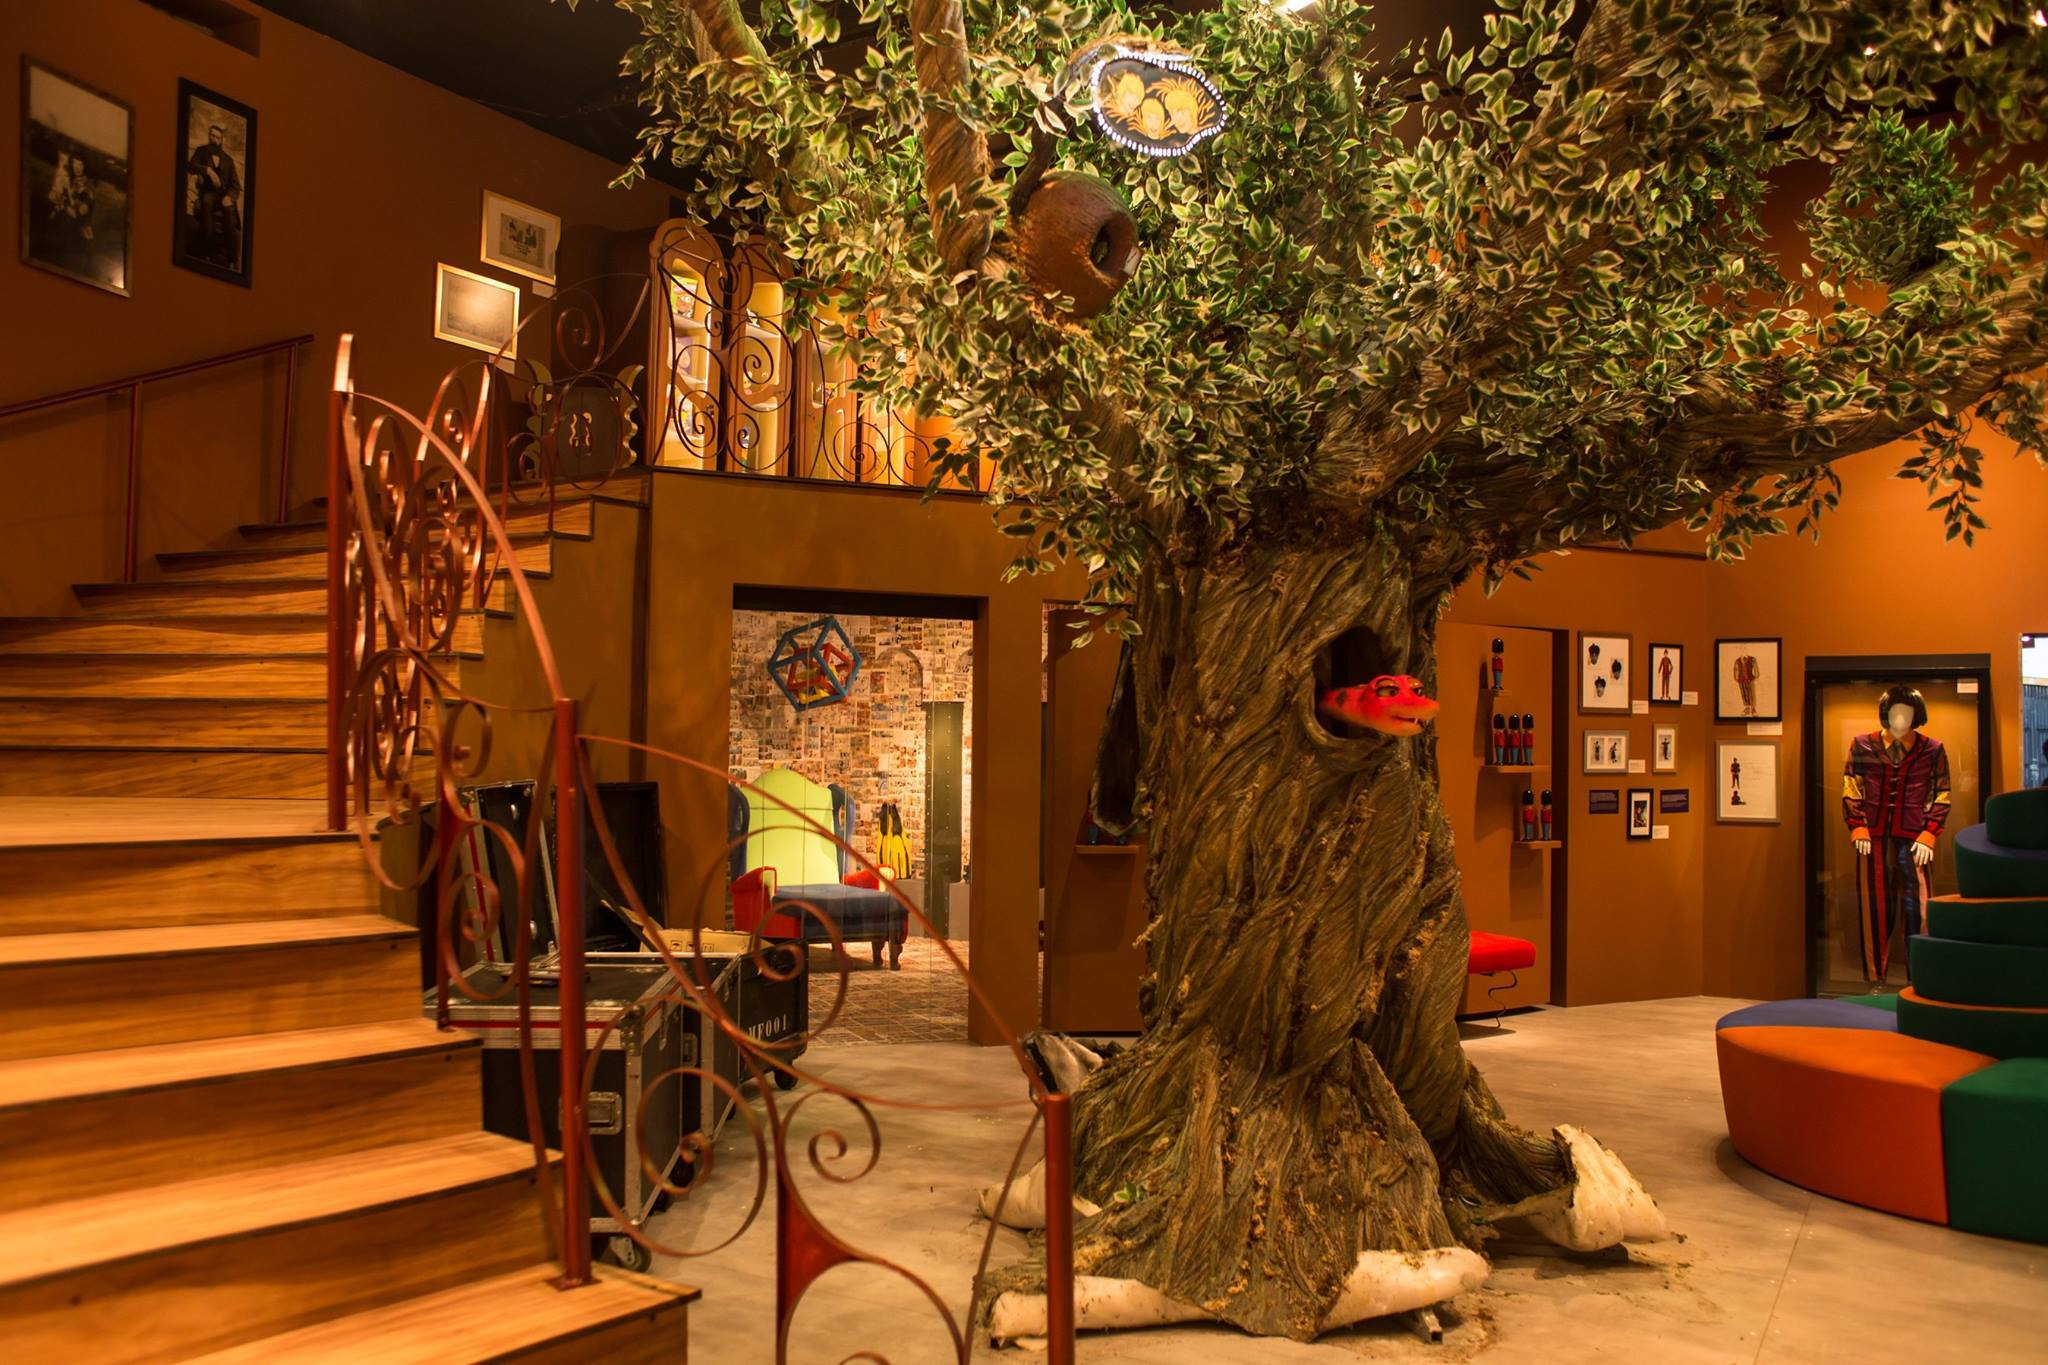 Exposição Castelo Rá – Tim – Bum | Começa Dia 24 no Shopping Iguatemi Campinas